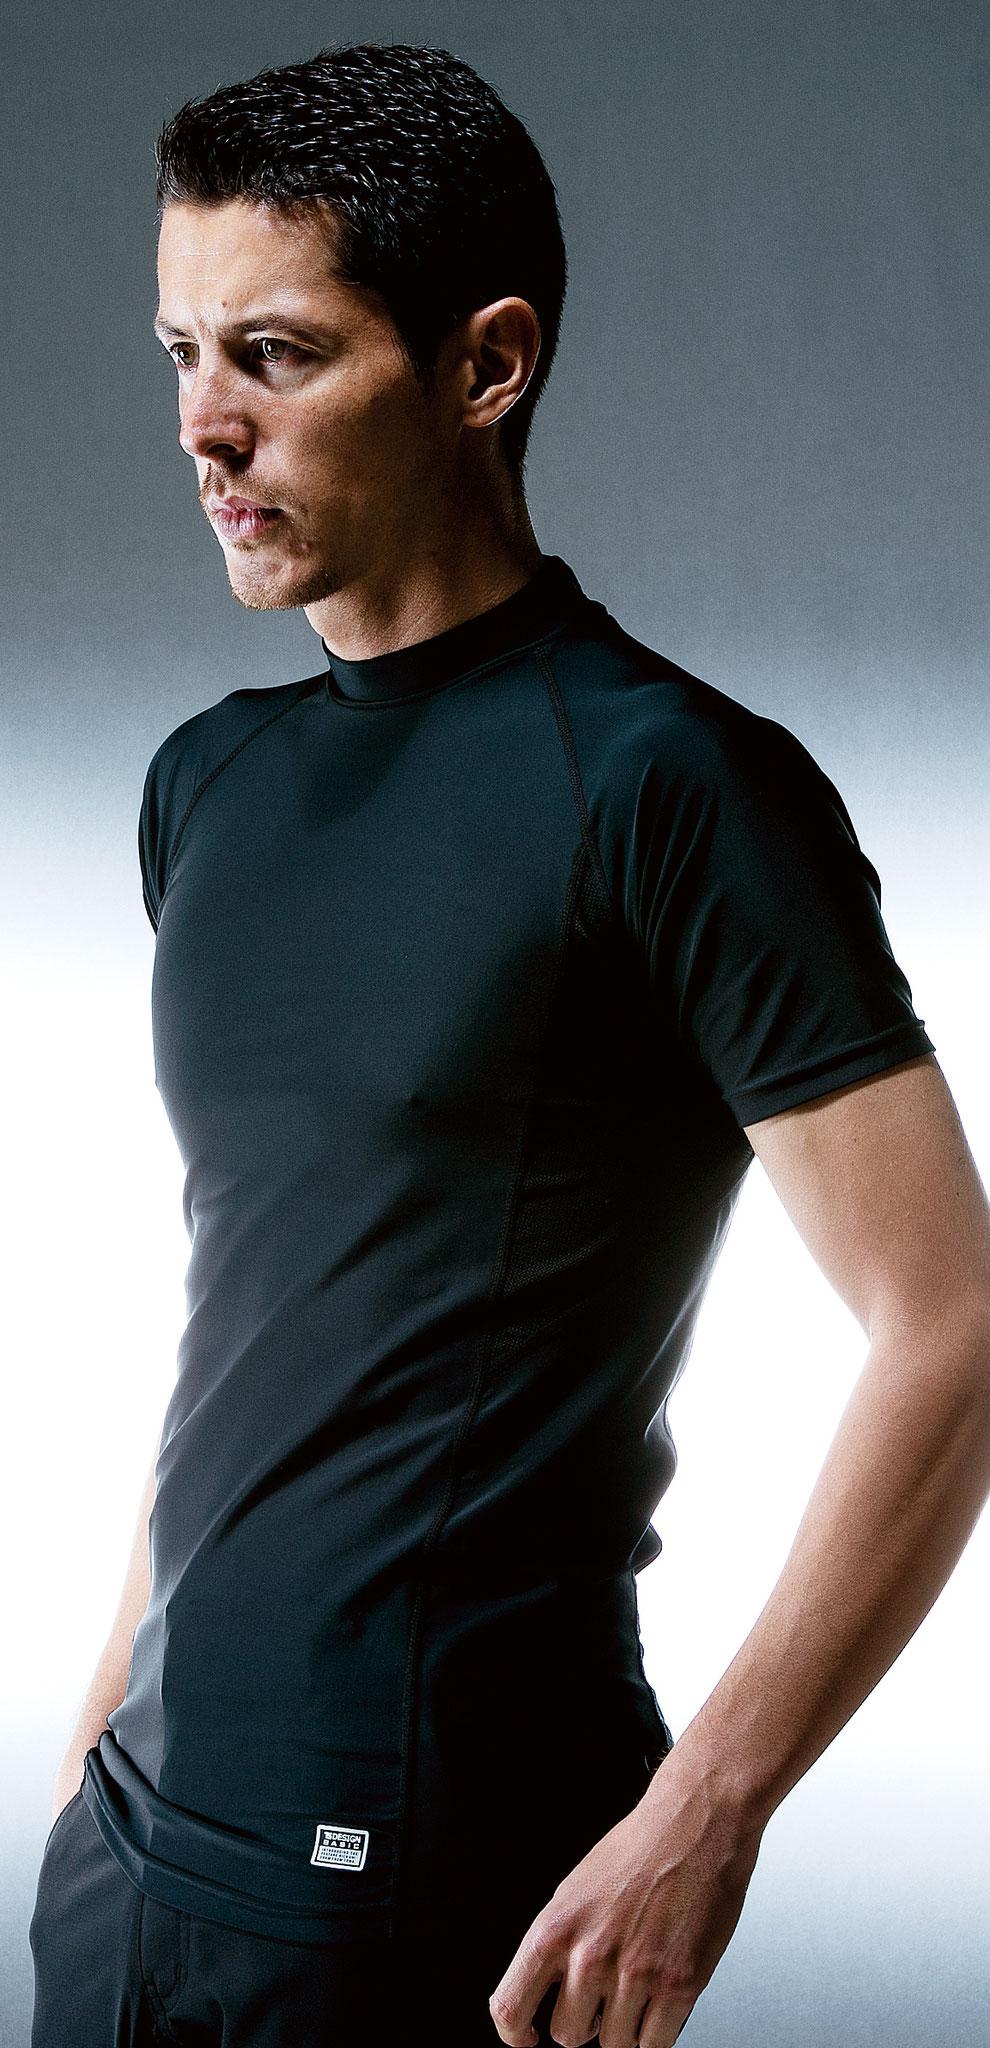 1枚で着るものOK、半袖タイプもあります。TS MUSCLE SUPPORT 841551